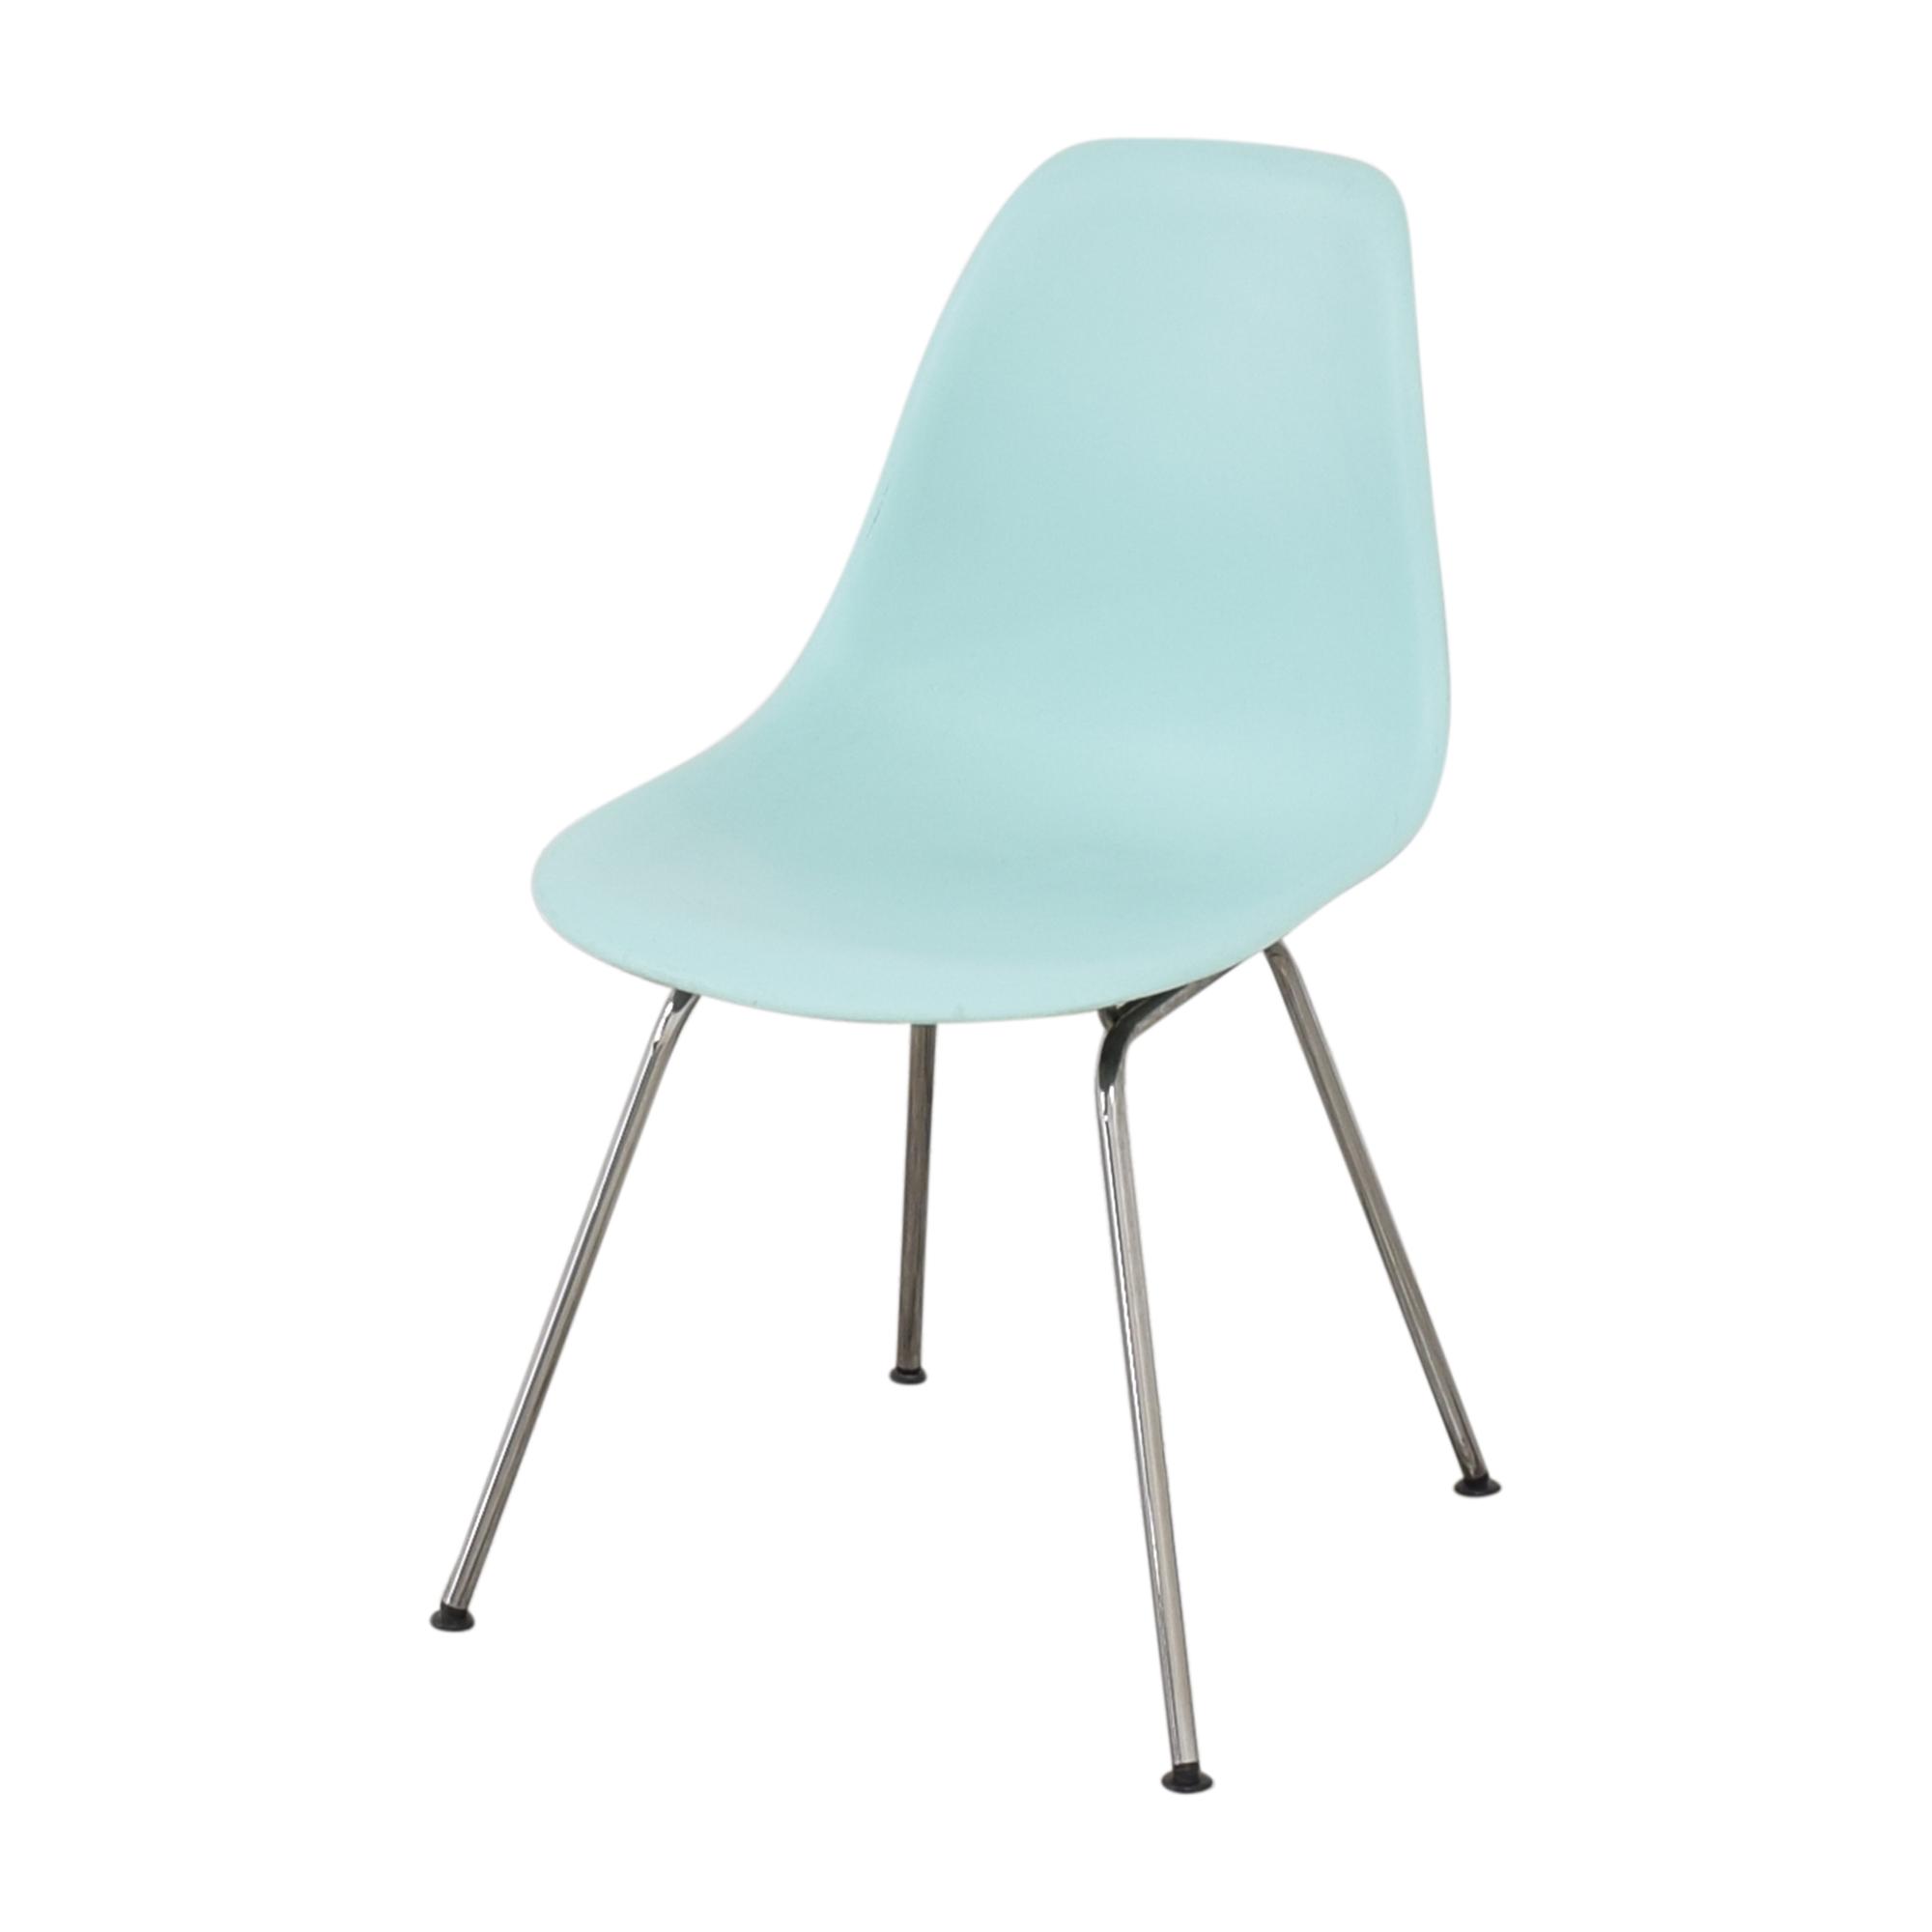 Herman Miller Herman Miller Eames Molded Side Chair, 4-Leg Base price